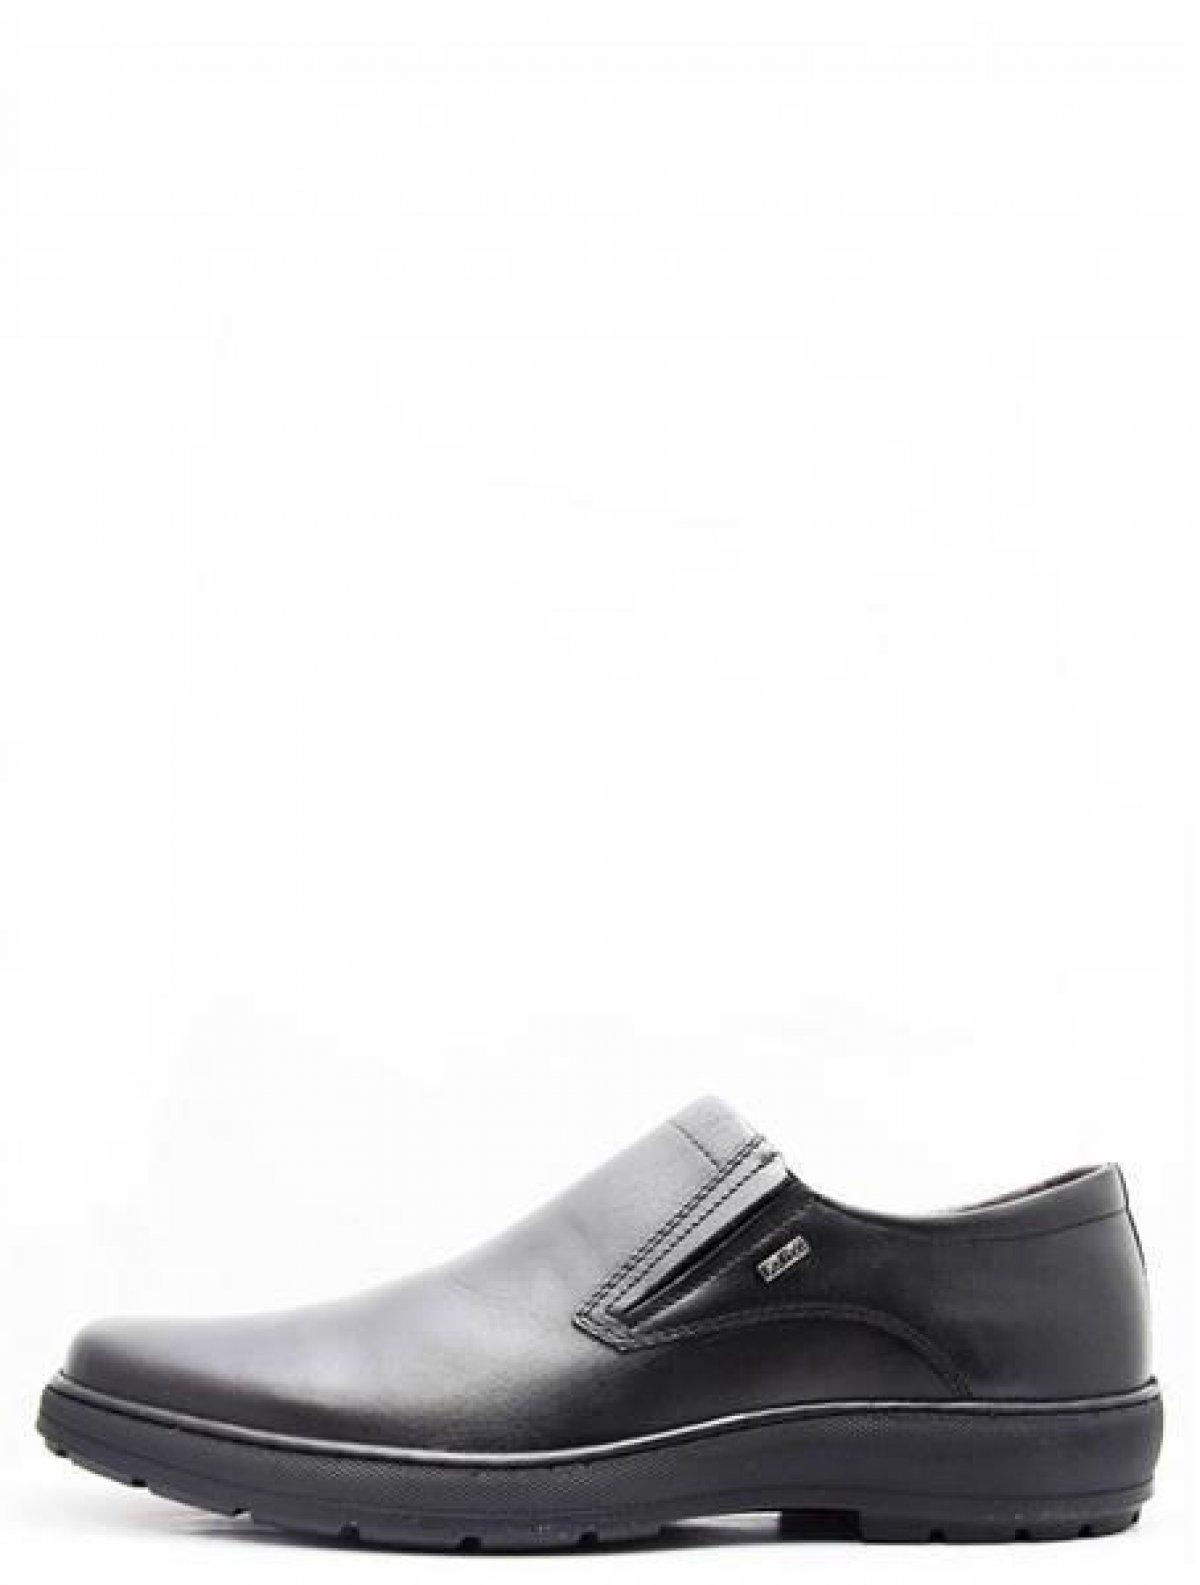 162191000089 туфли мужские